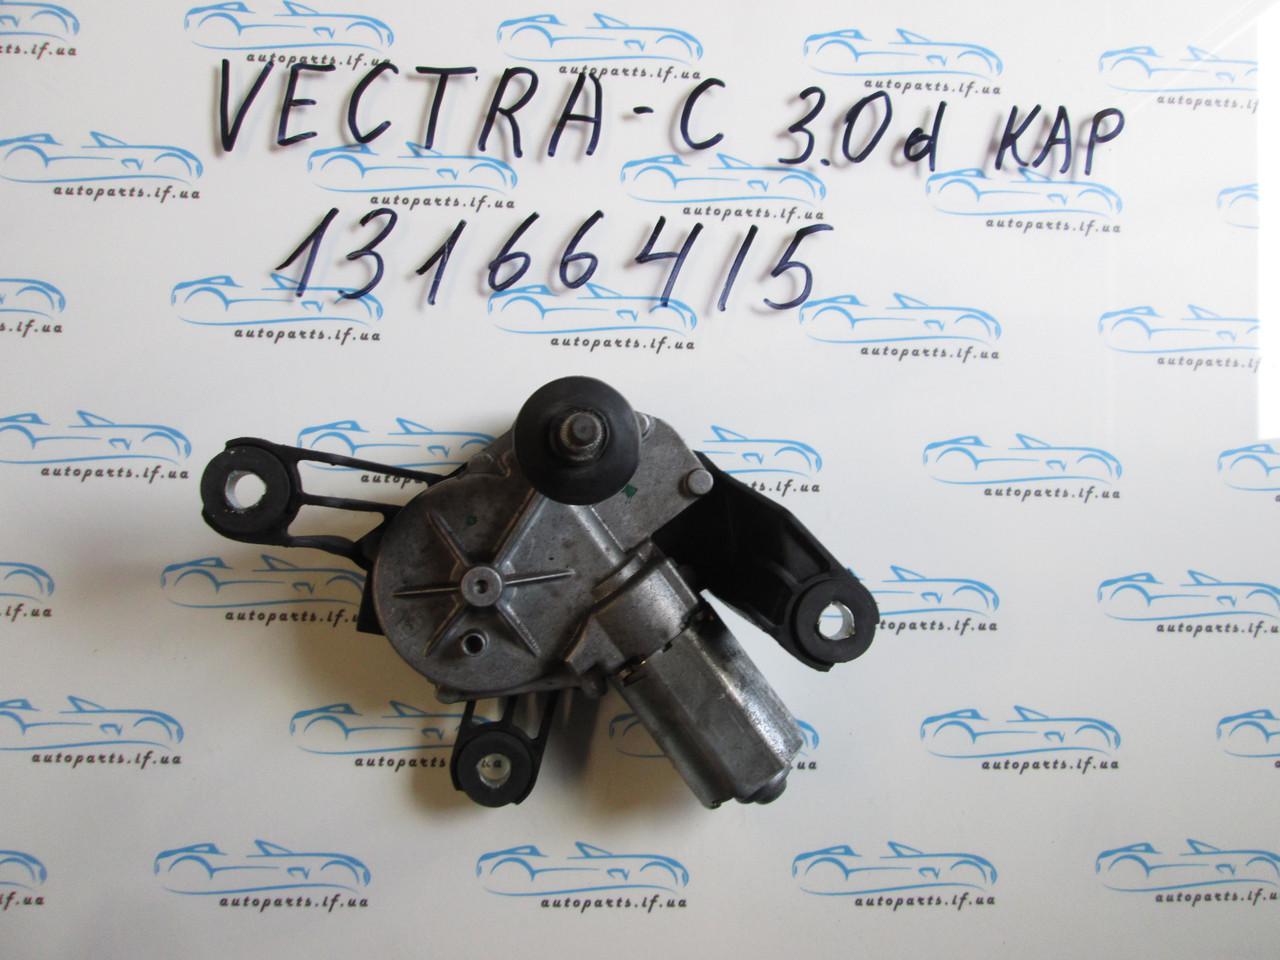 Моторчик заднего стеклоочистителя опель Вектра С, Vectra C 13166415 универсал